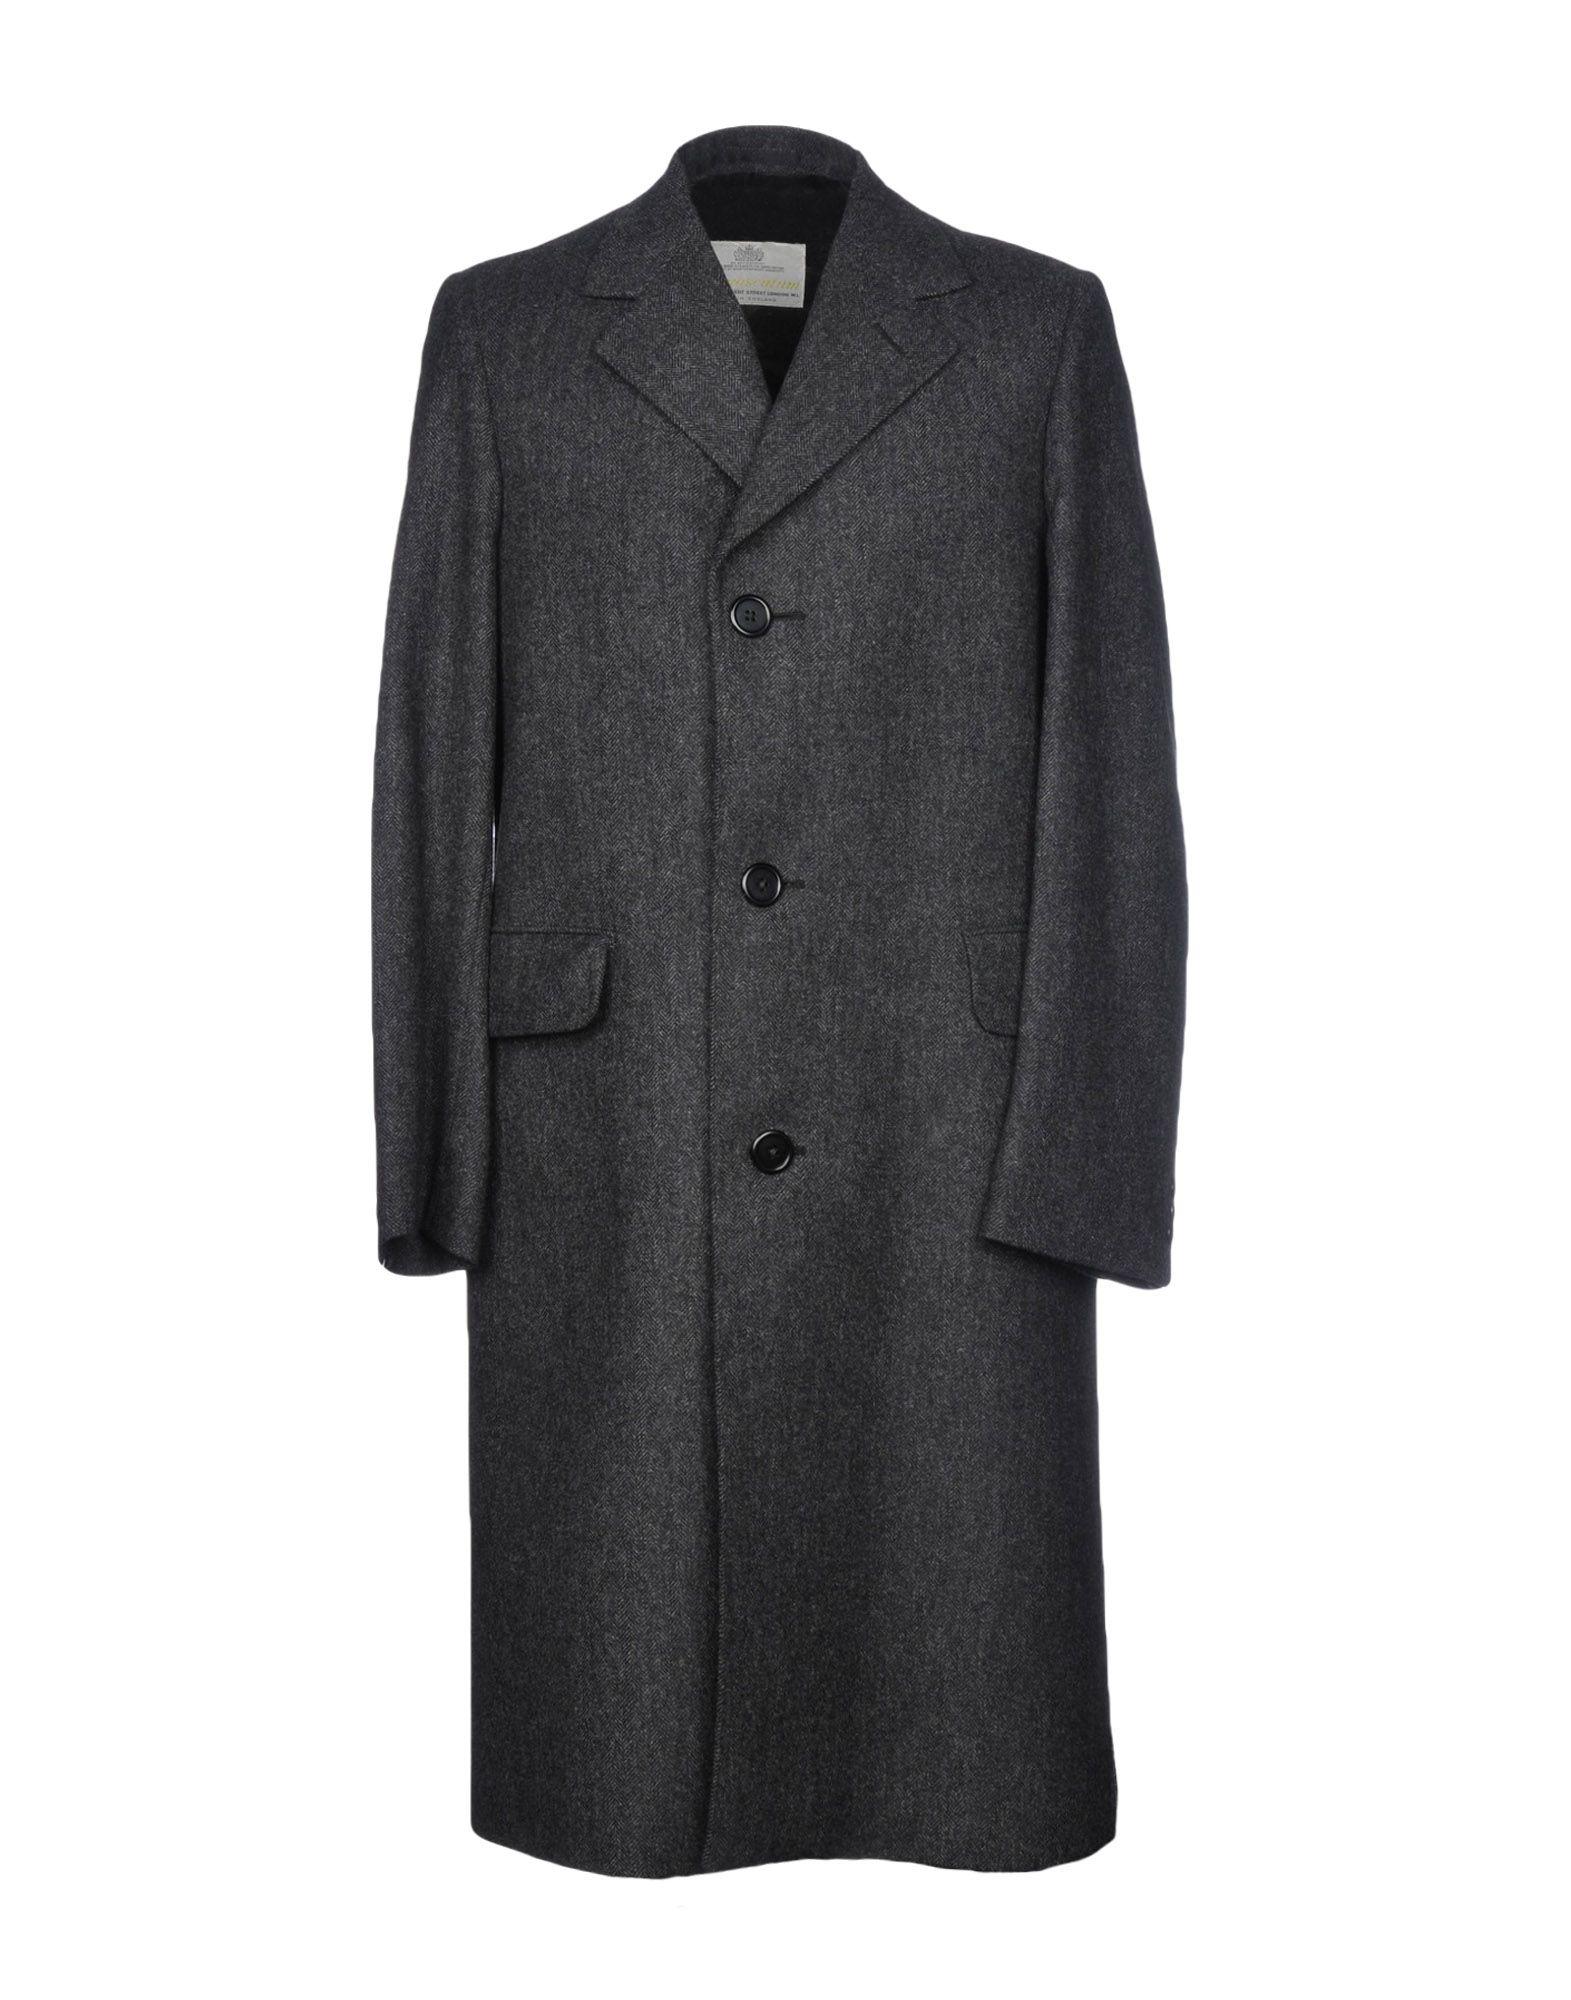 AQUASCUTUM Coat in Lead